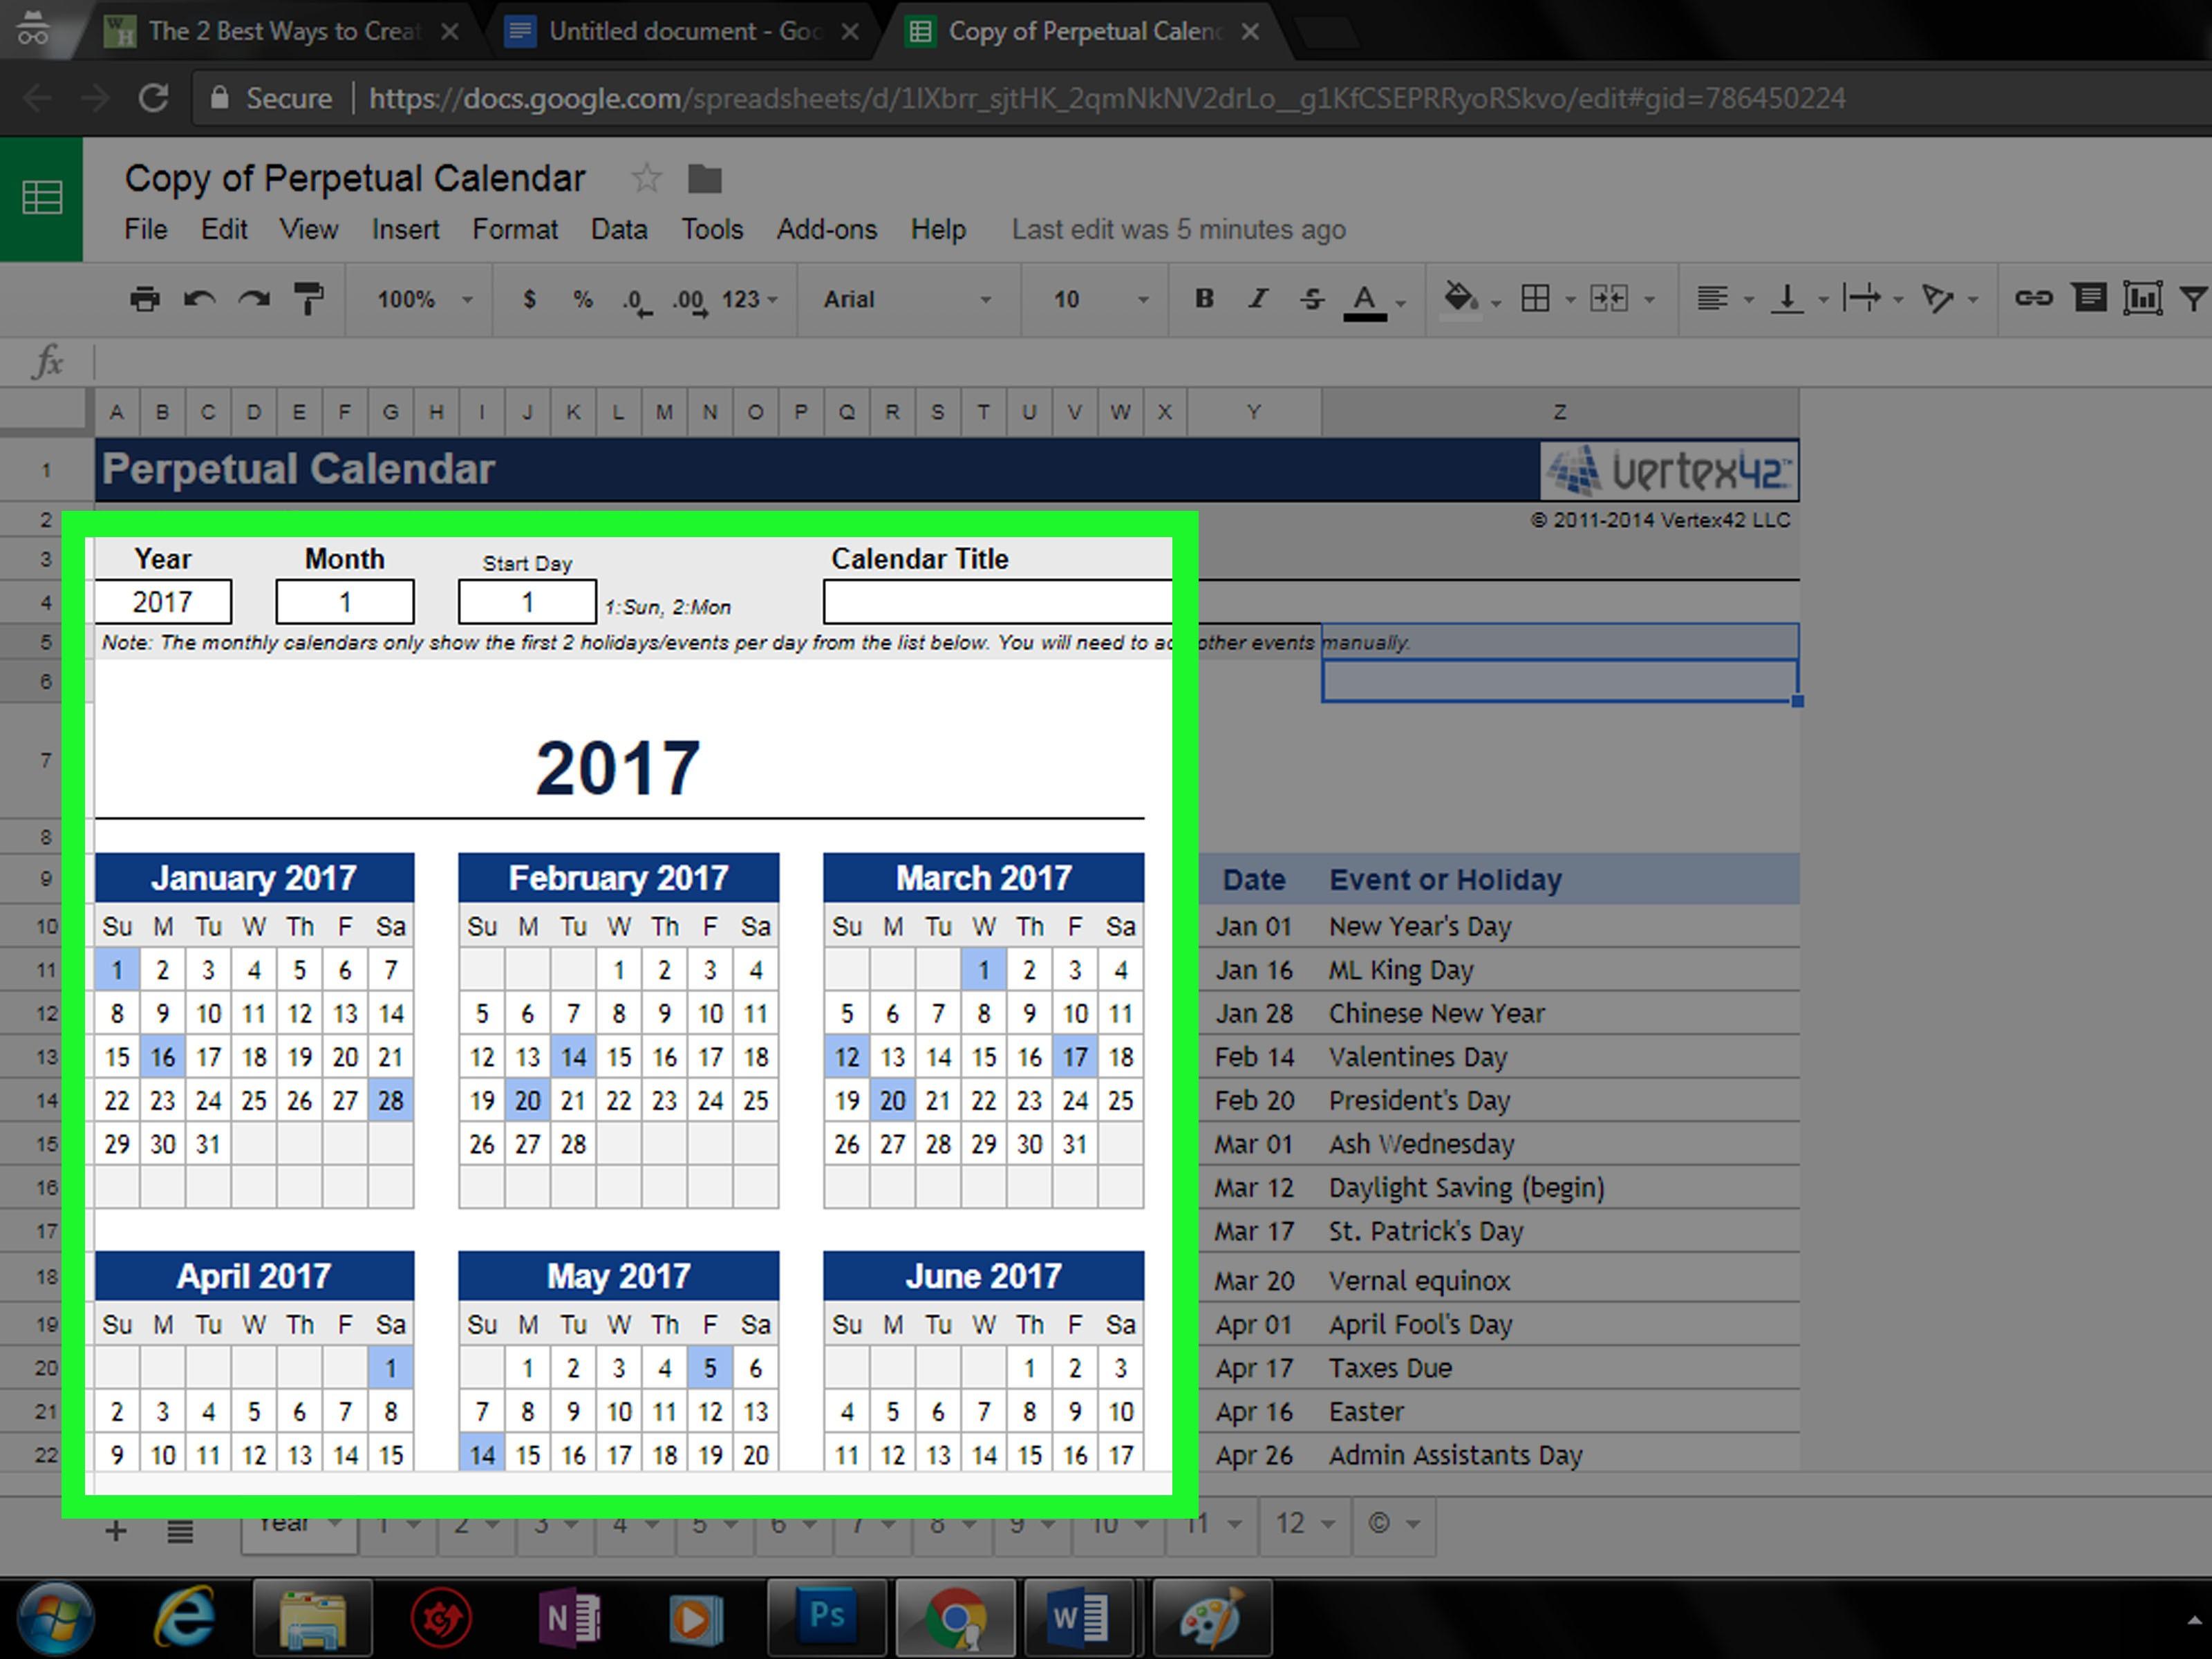 Calendario 2020 Meses Más Actual C³mo Crear Un Calendario En Google Docs 28 Pasos Of Calendario 2020 Meses Más Caliente Convenios Y Acuerdos